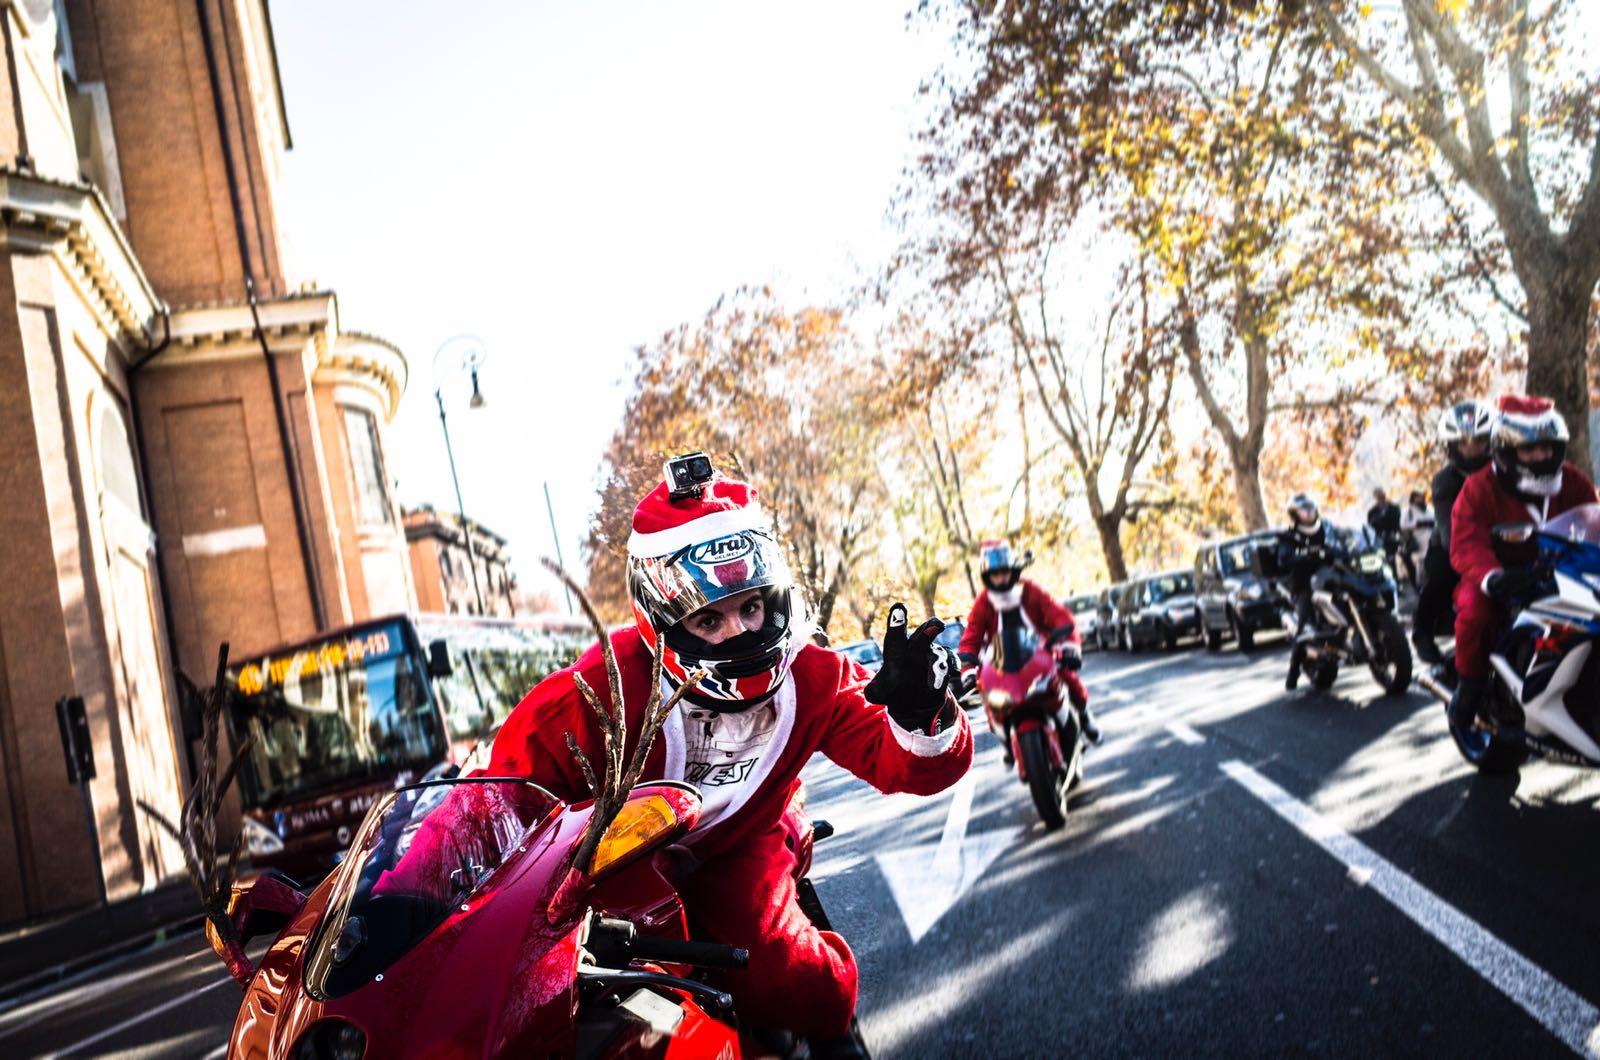 Buon natale per le strade di Roma - Roma Street Photography